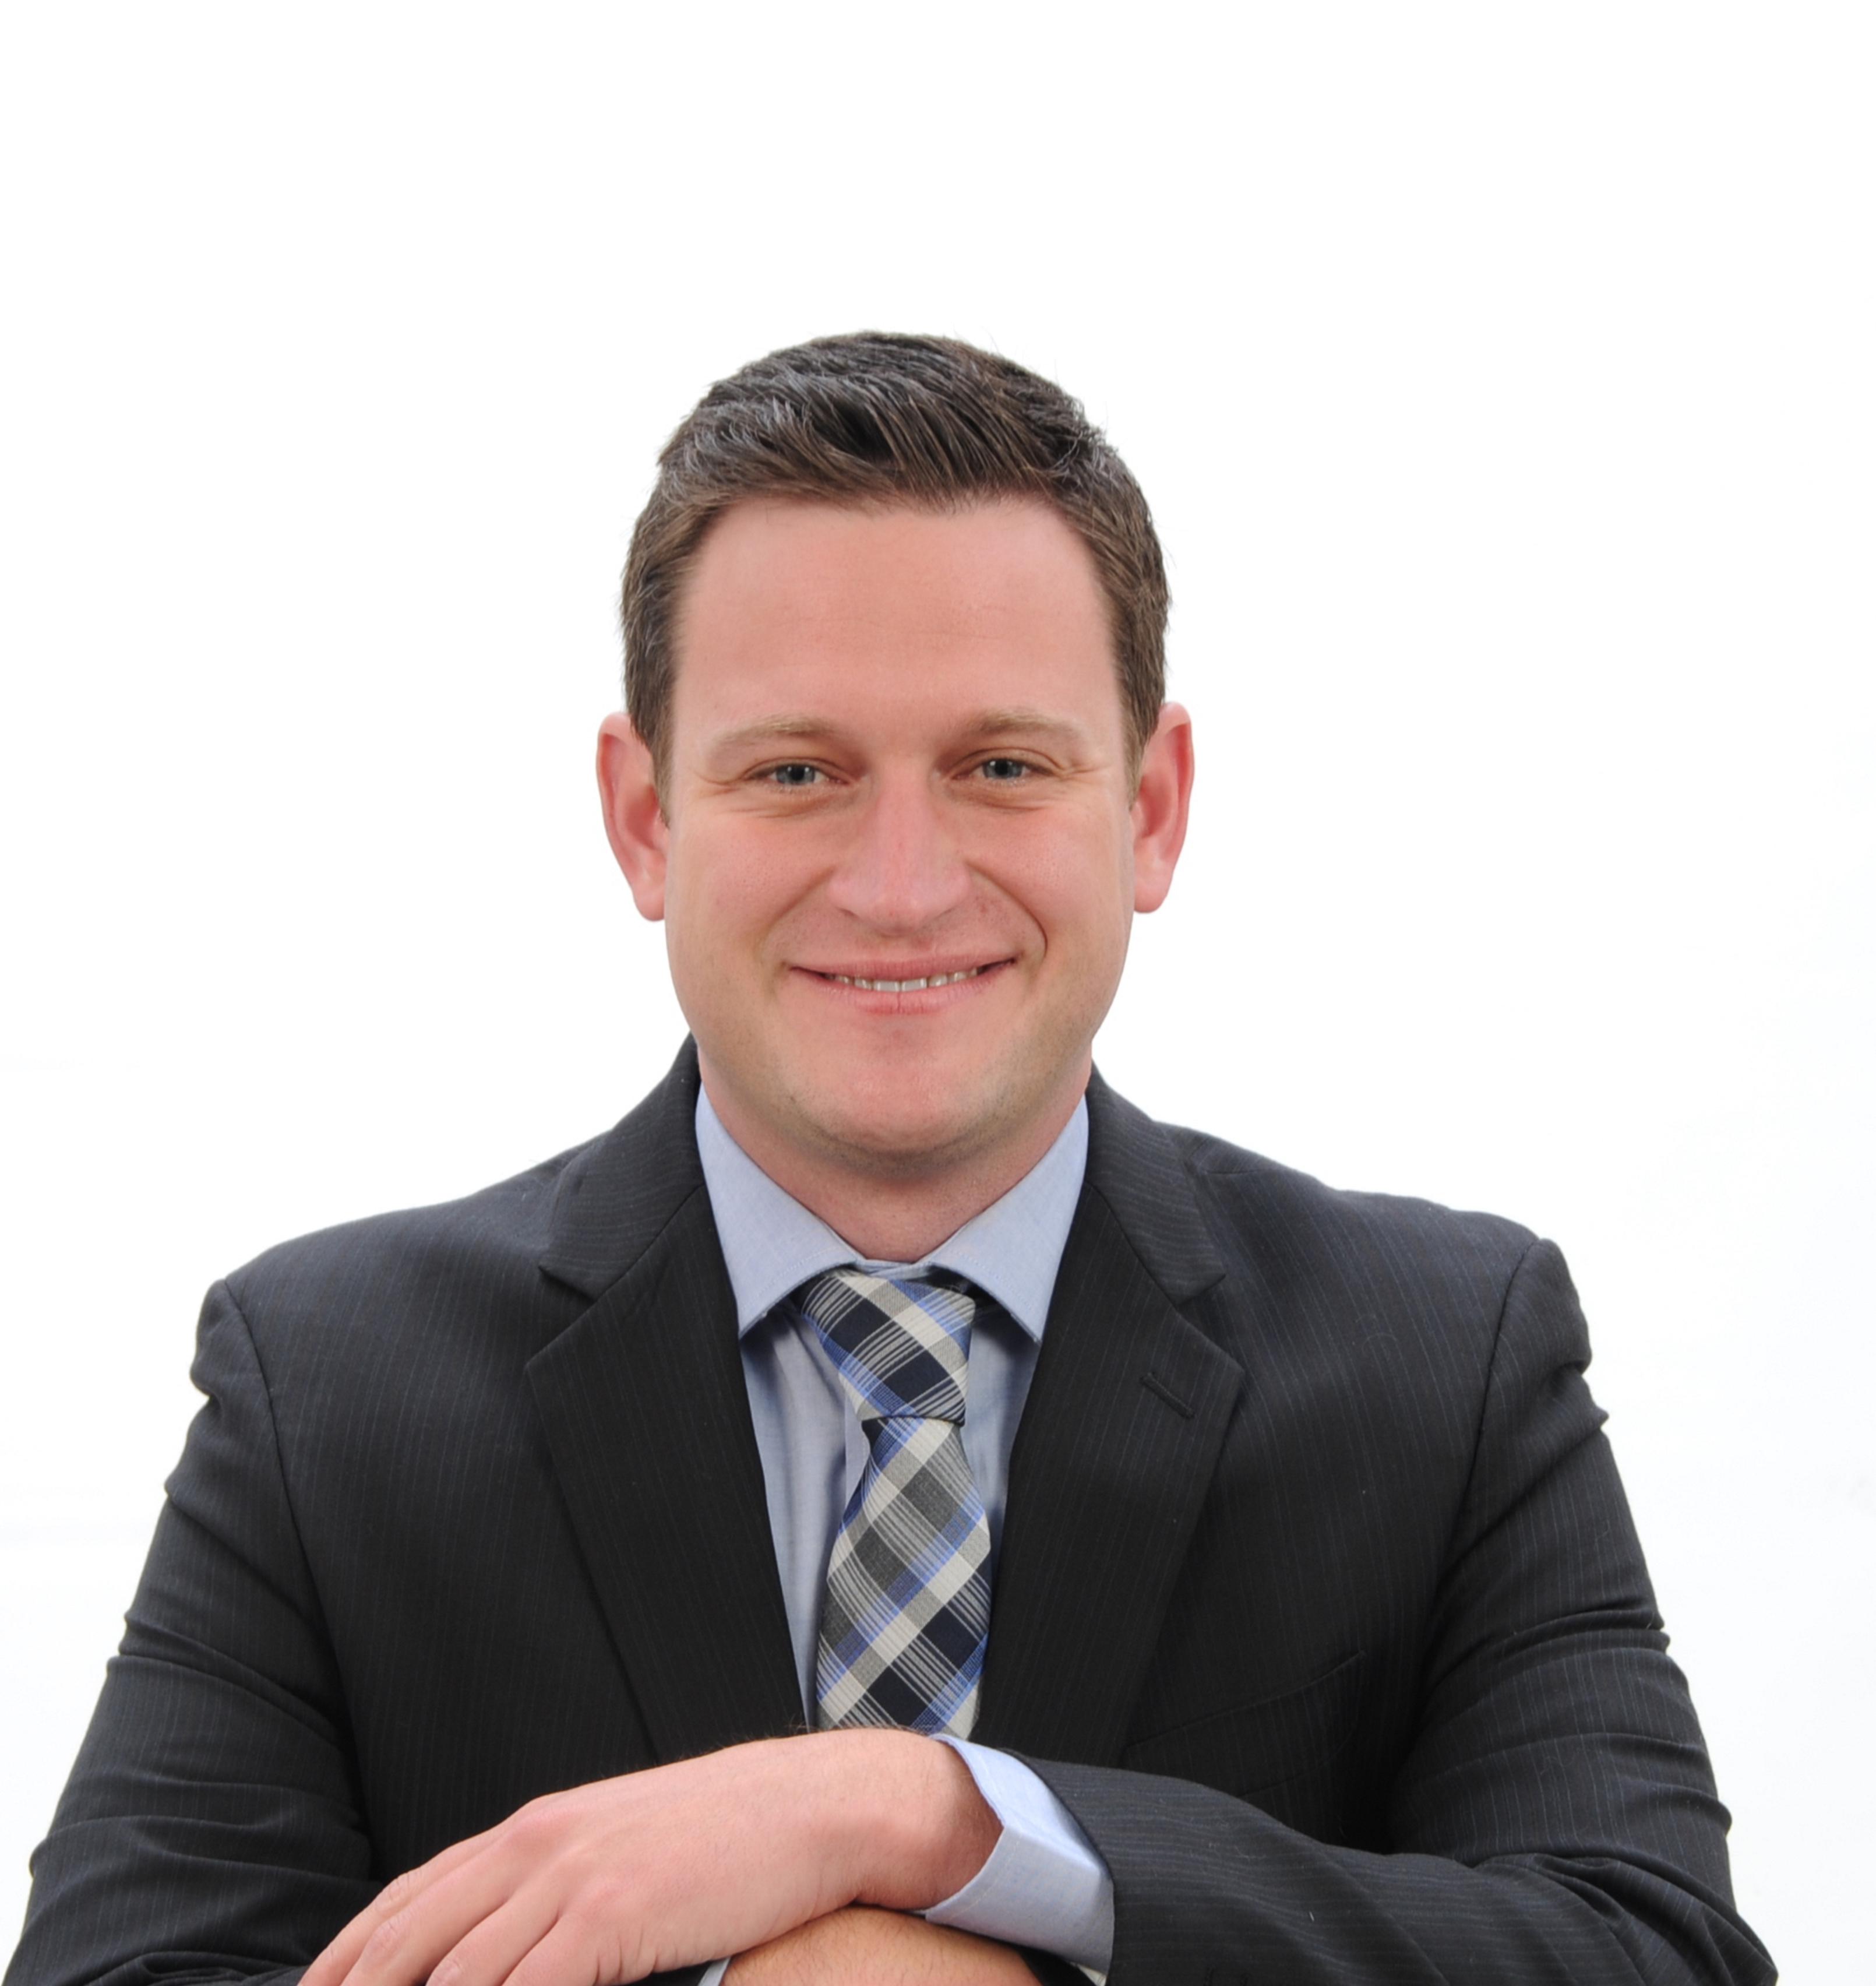 Jon Stuempel | Financial Advisor